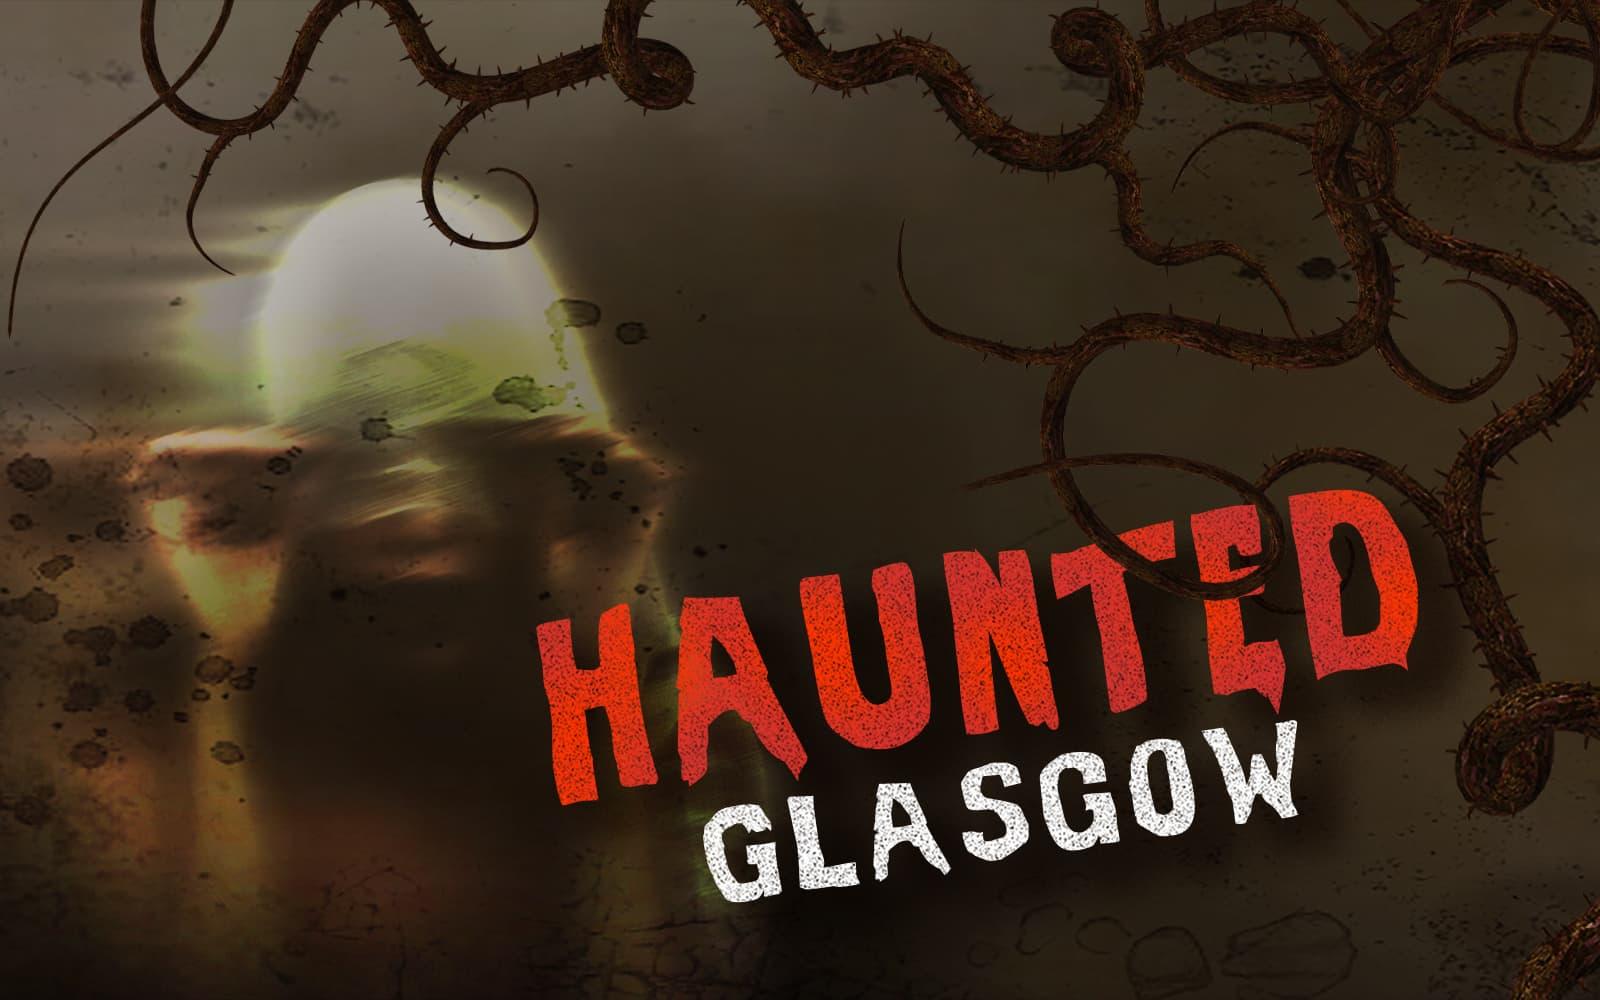 Haunted Glasgow image